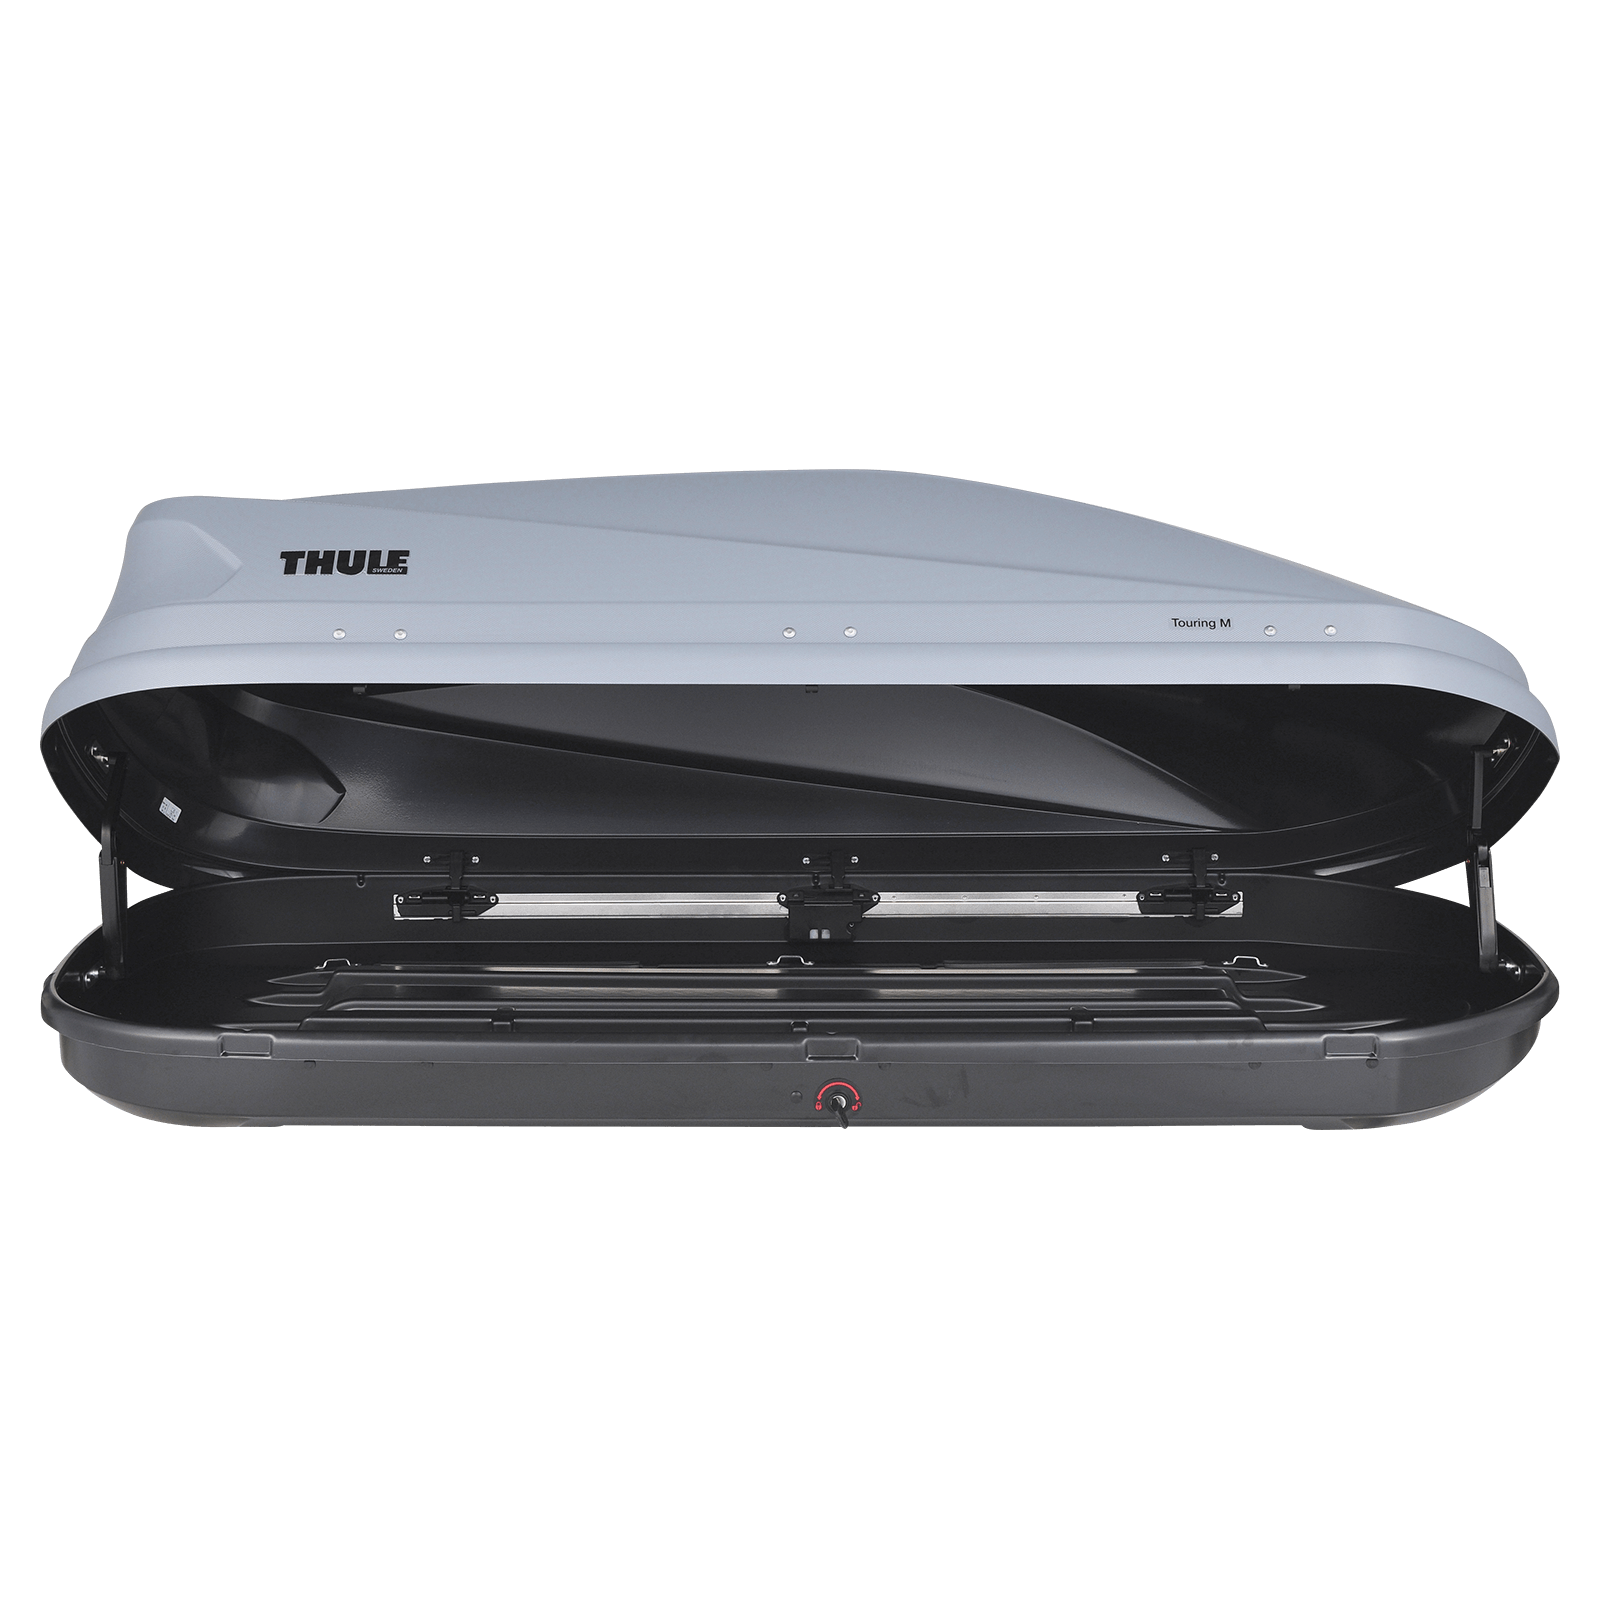 Dachbox Thule Touring M grau, titan - Bild 2